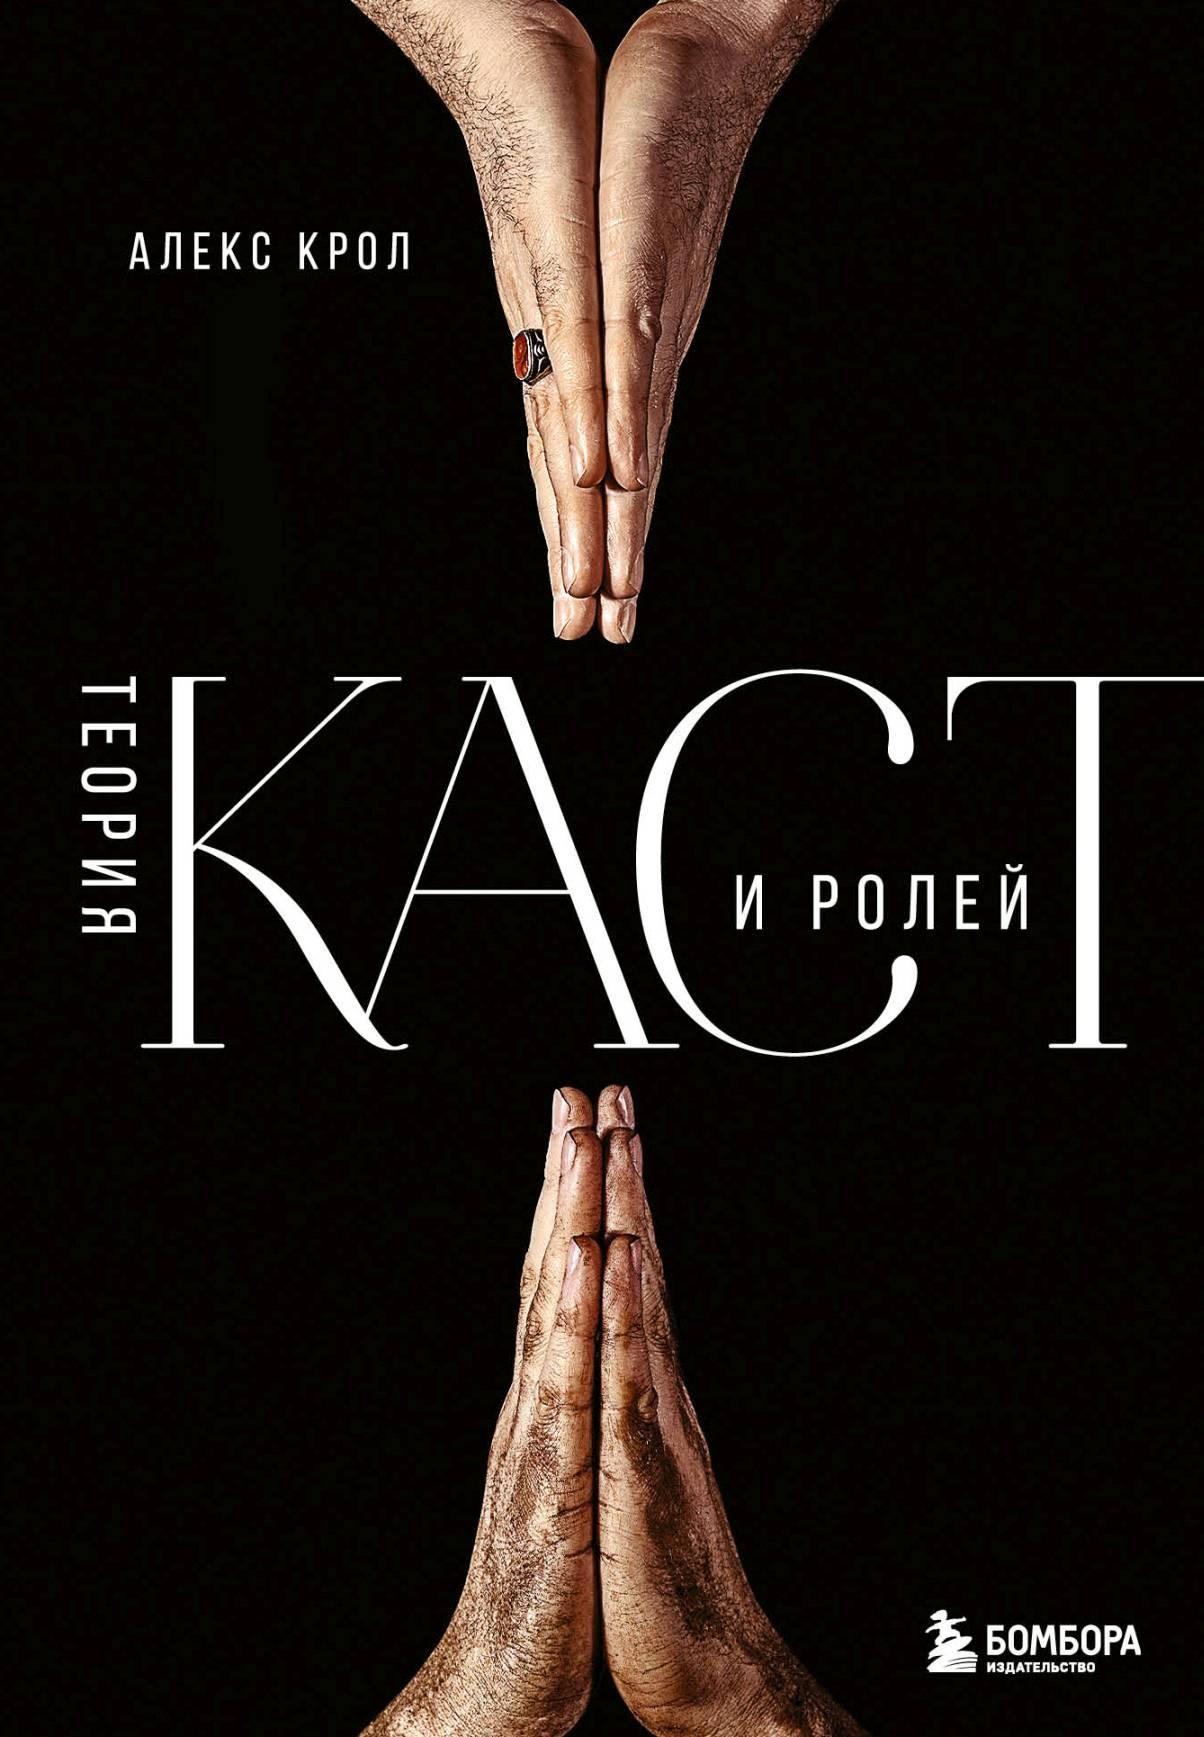 Алексей Крол Теория каст и ролей алекс крол теория каст и ролей